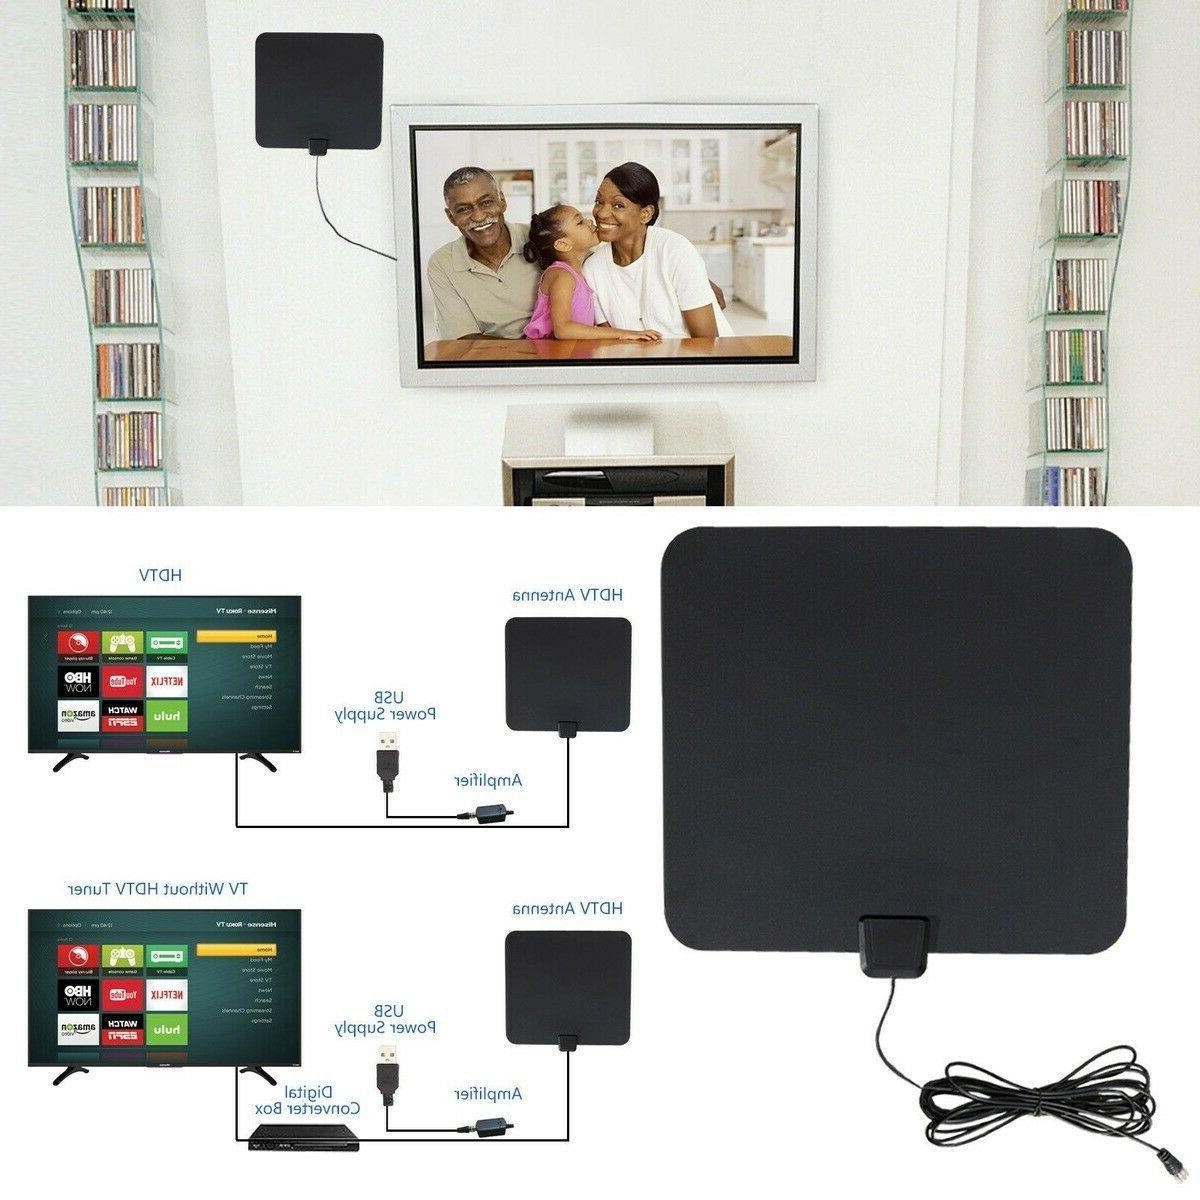 50 Miles Indoor Amplified TV ViewTV Flat Amplifier